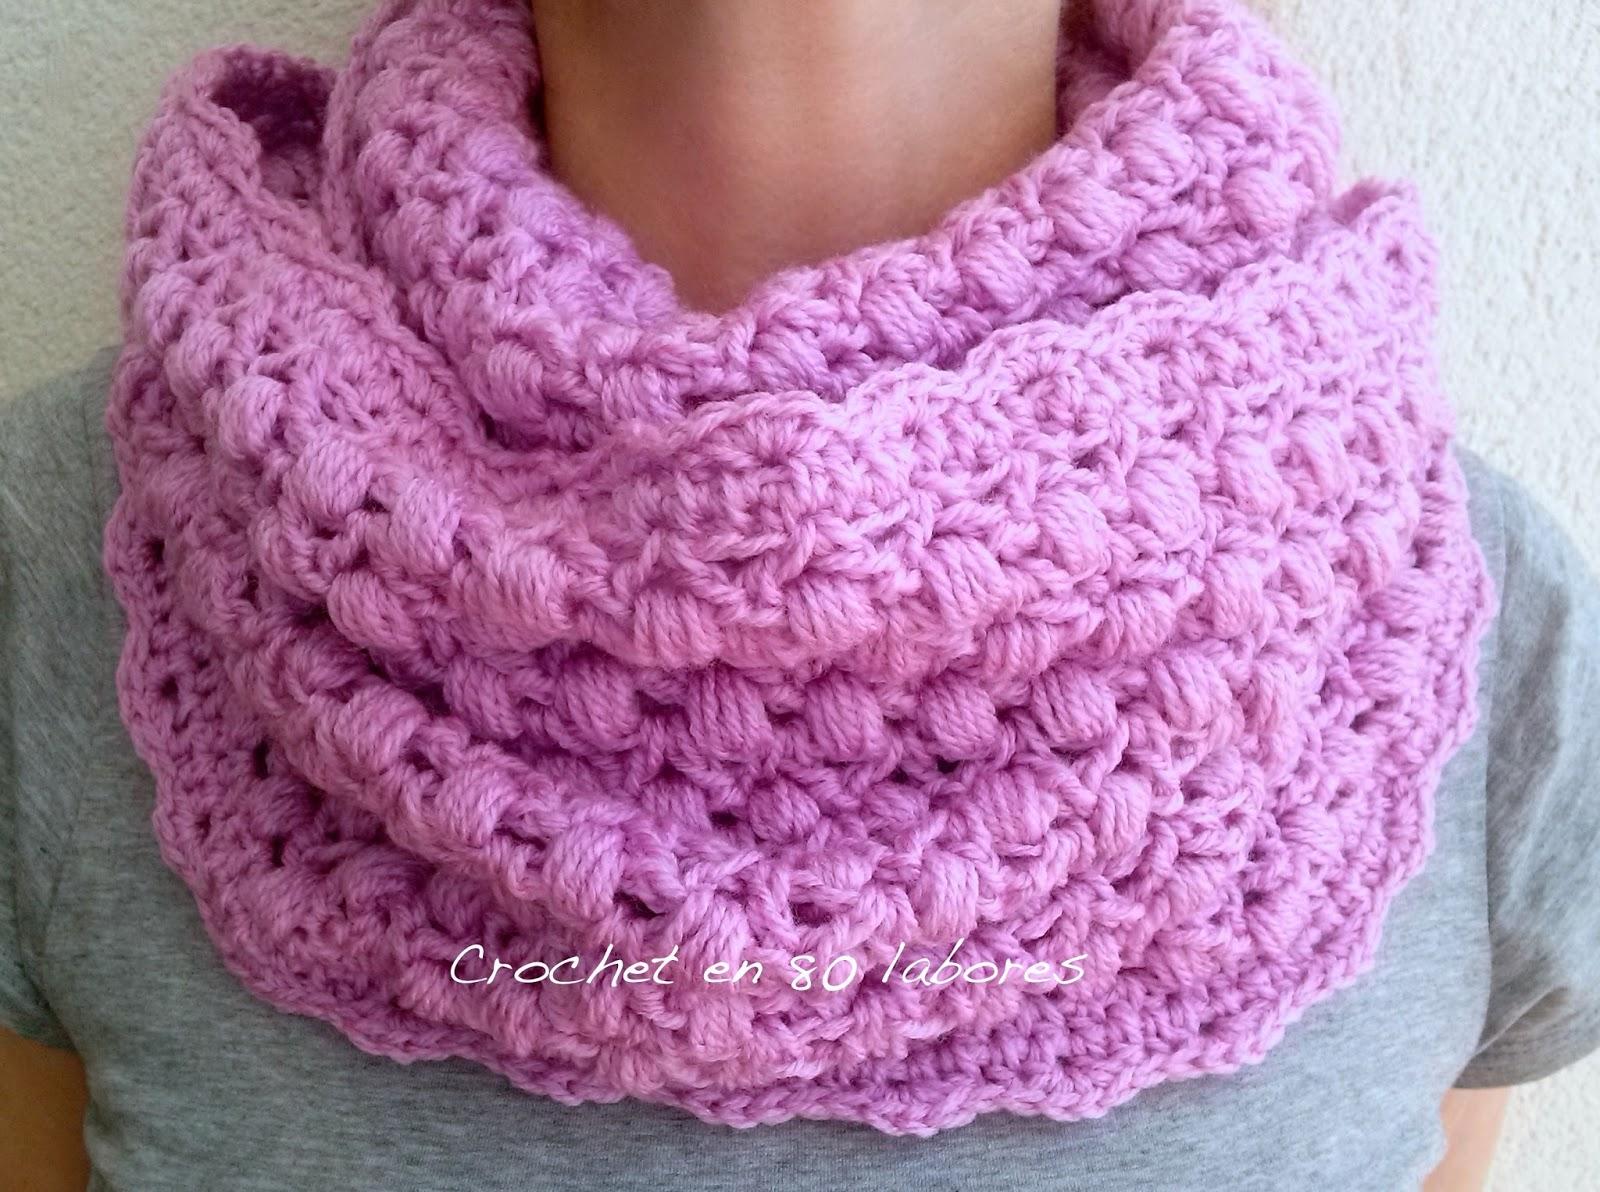 Excepcional Los Patrones De La Bufanda De Crochet Sencillos Para ...